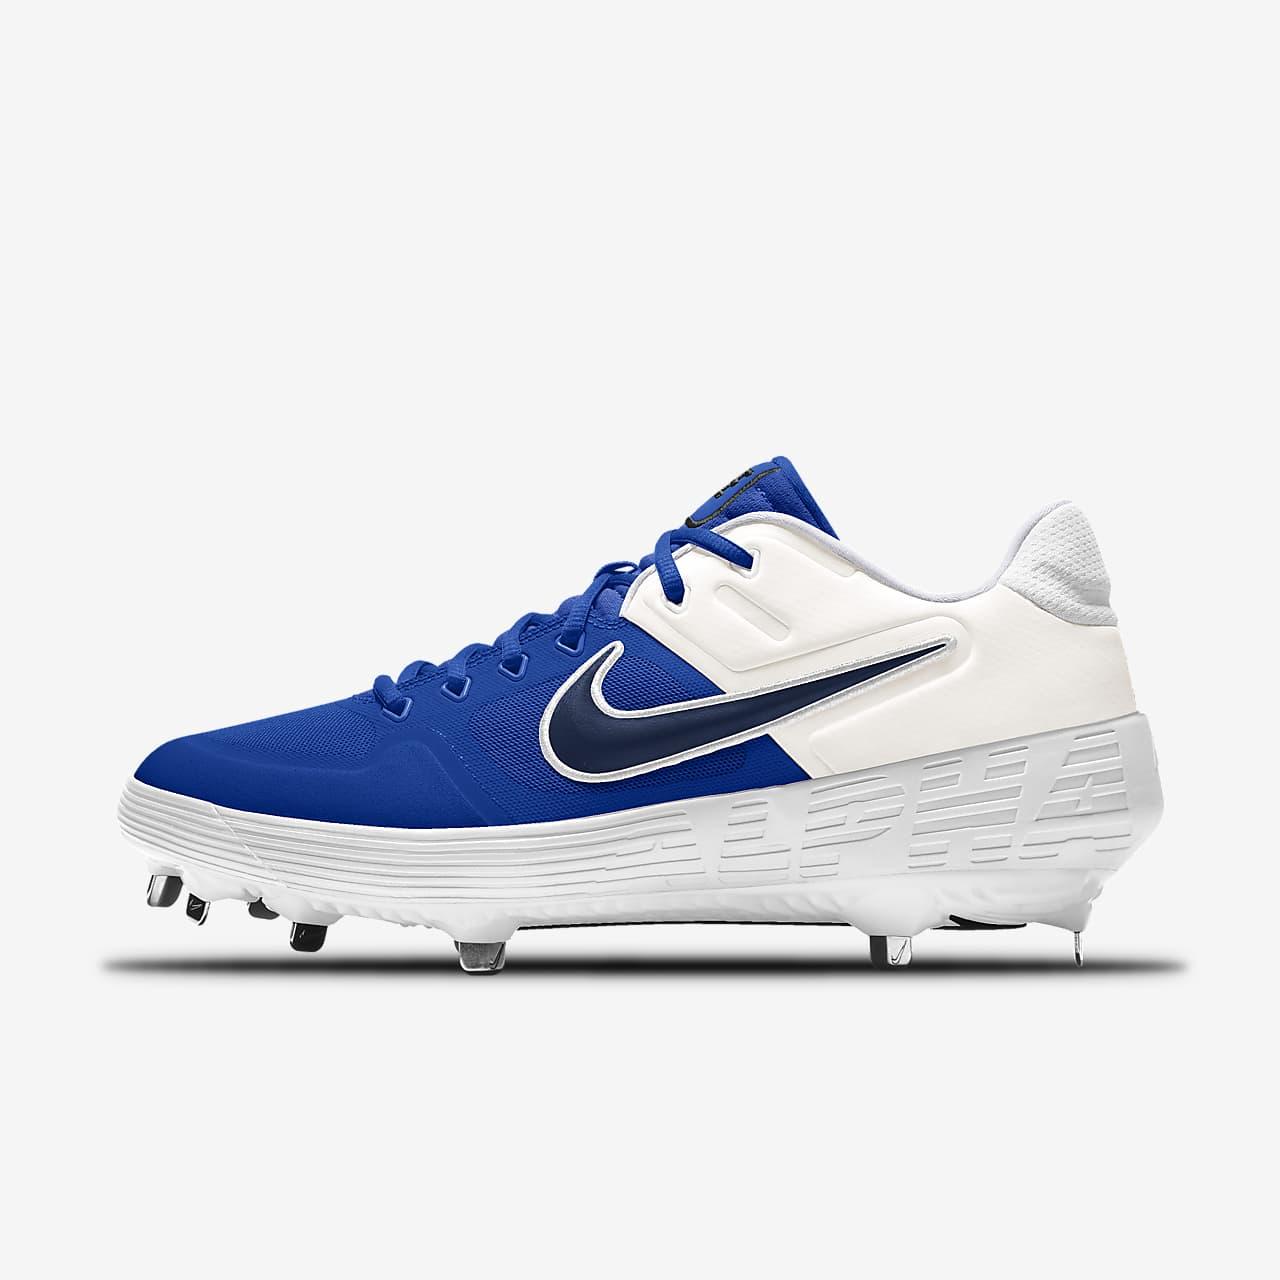 Nike Alpha Huarache Elite 2 Low By You Custom Baseball Cleat